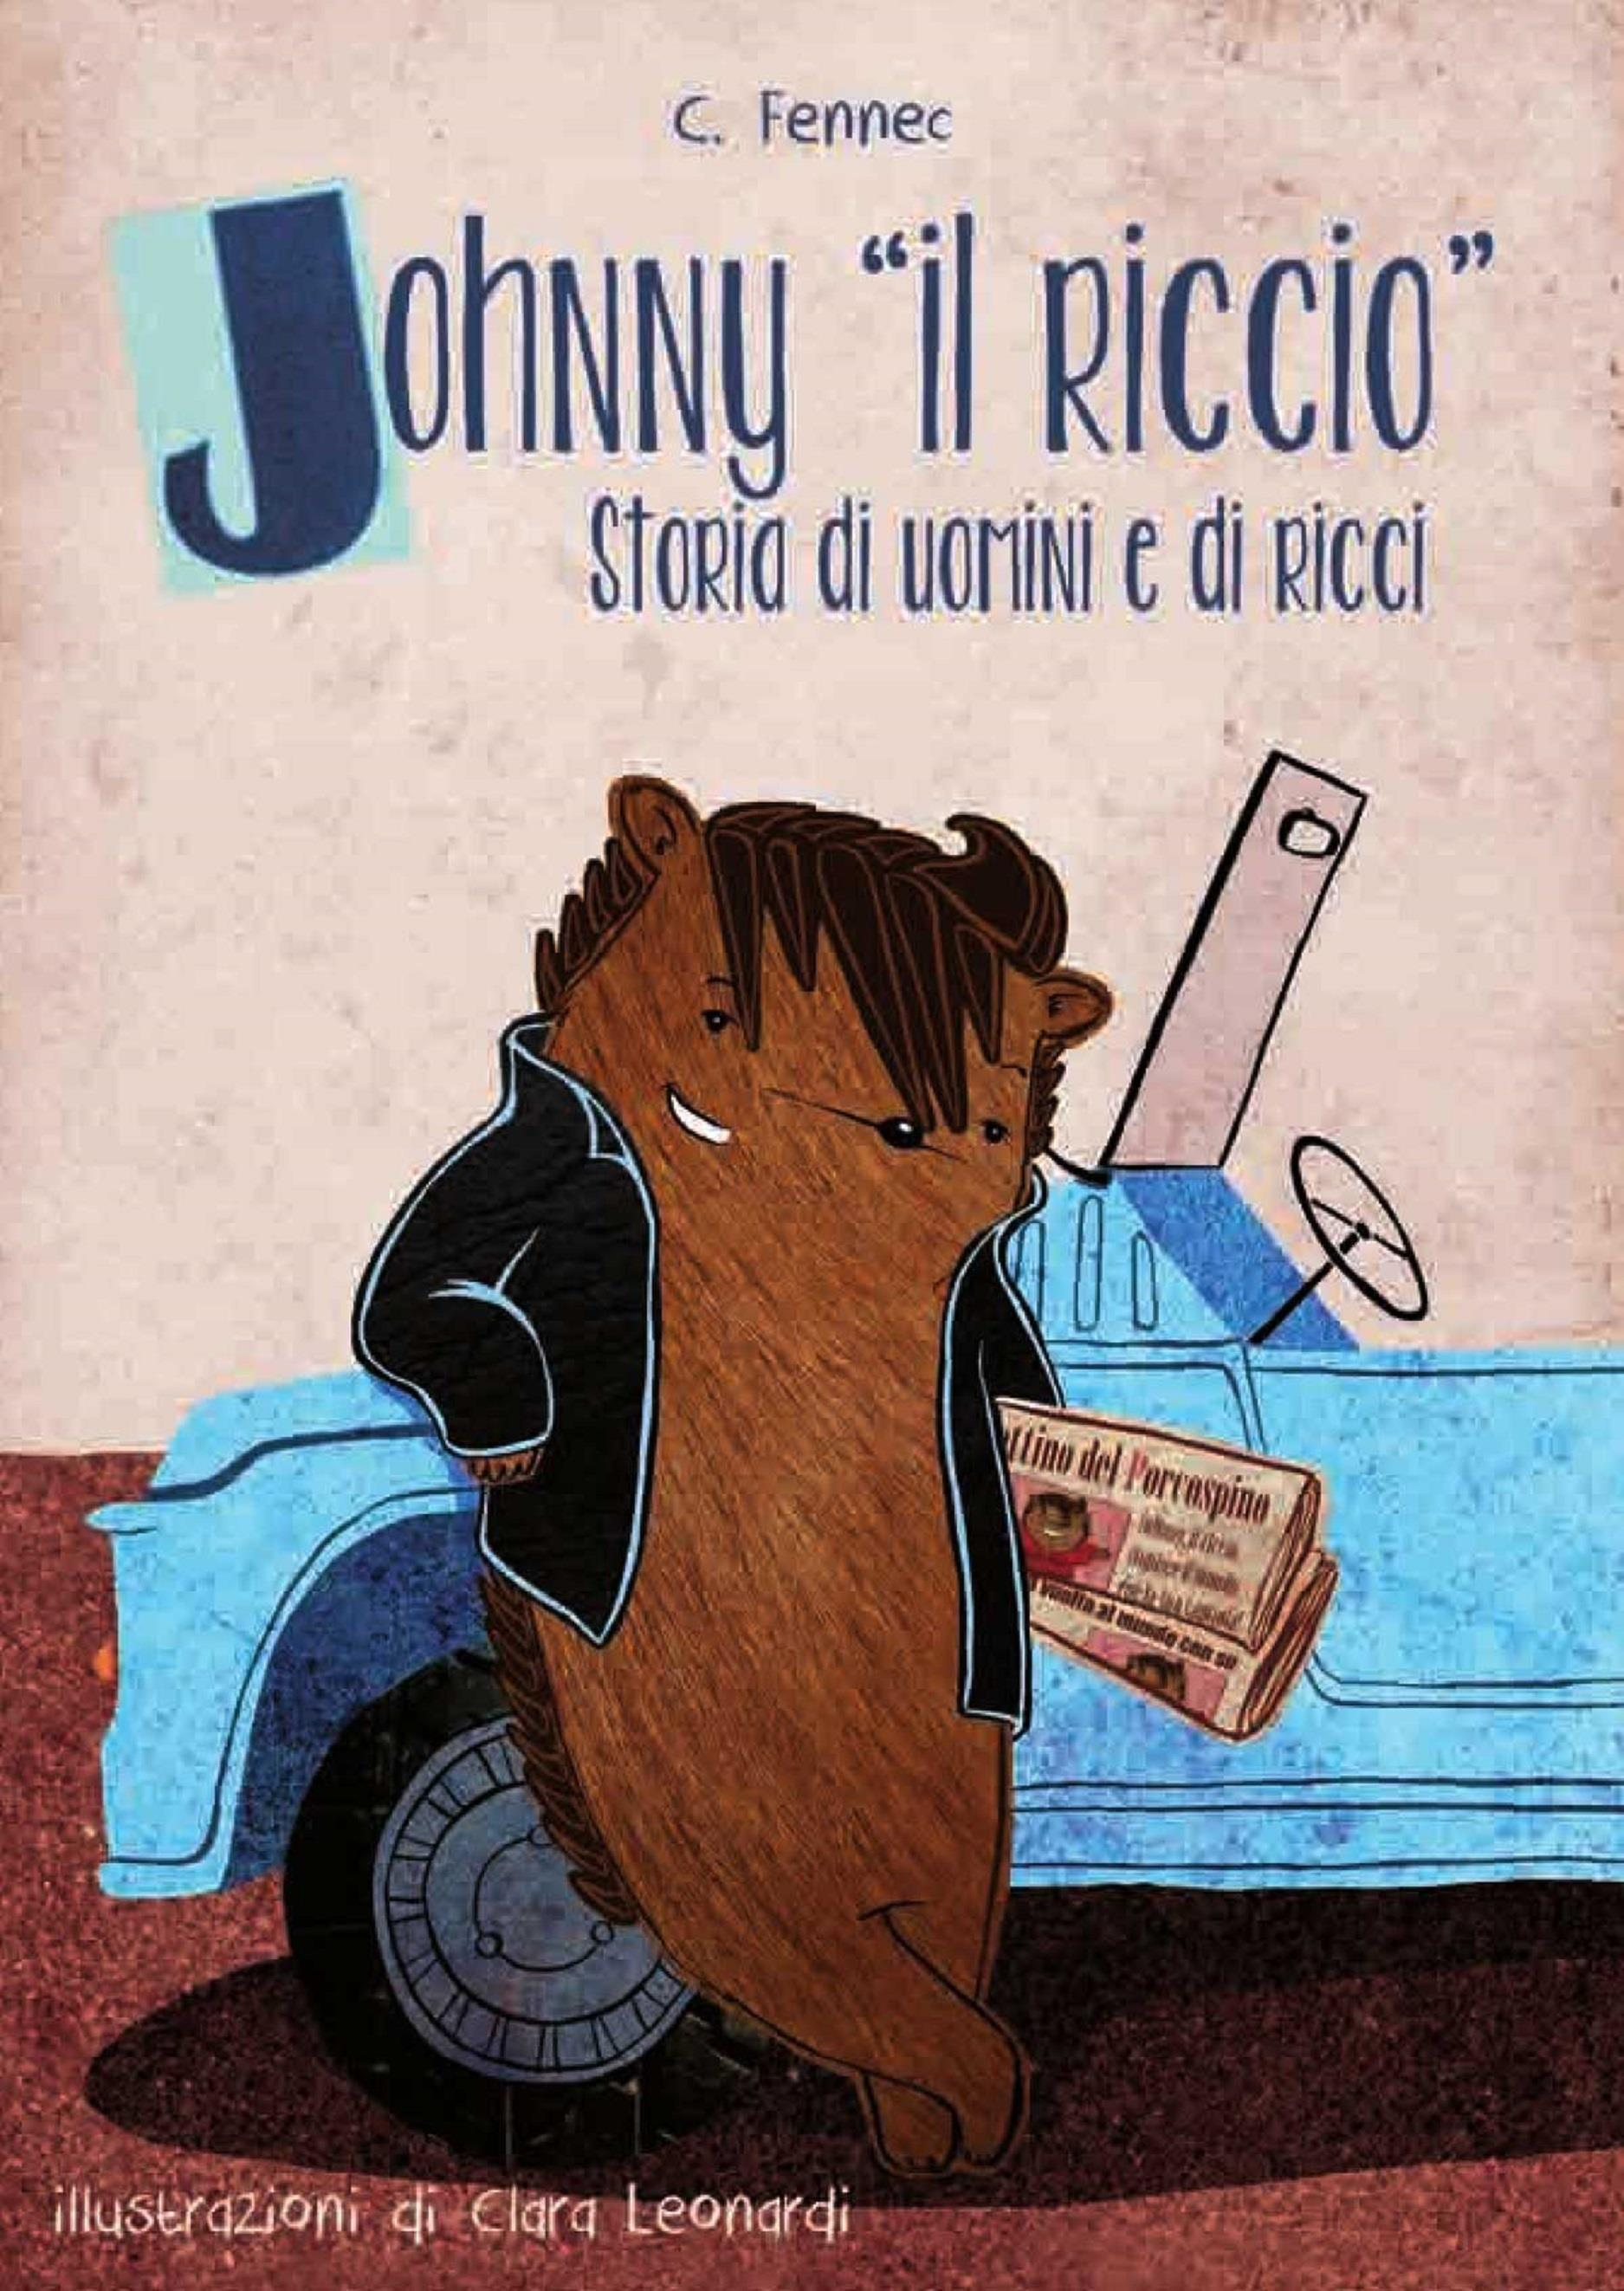 Johnny il riccio, storie di uomini e di ricci